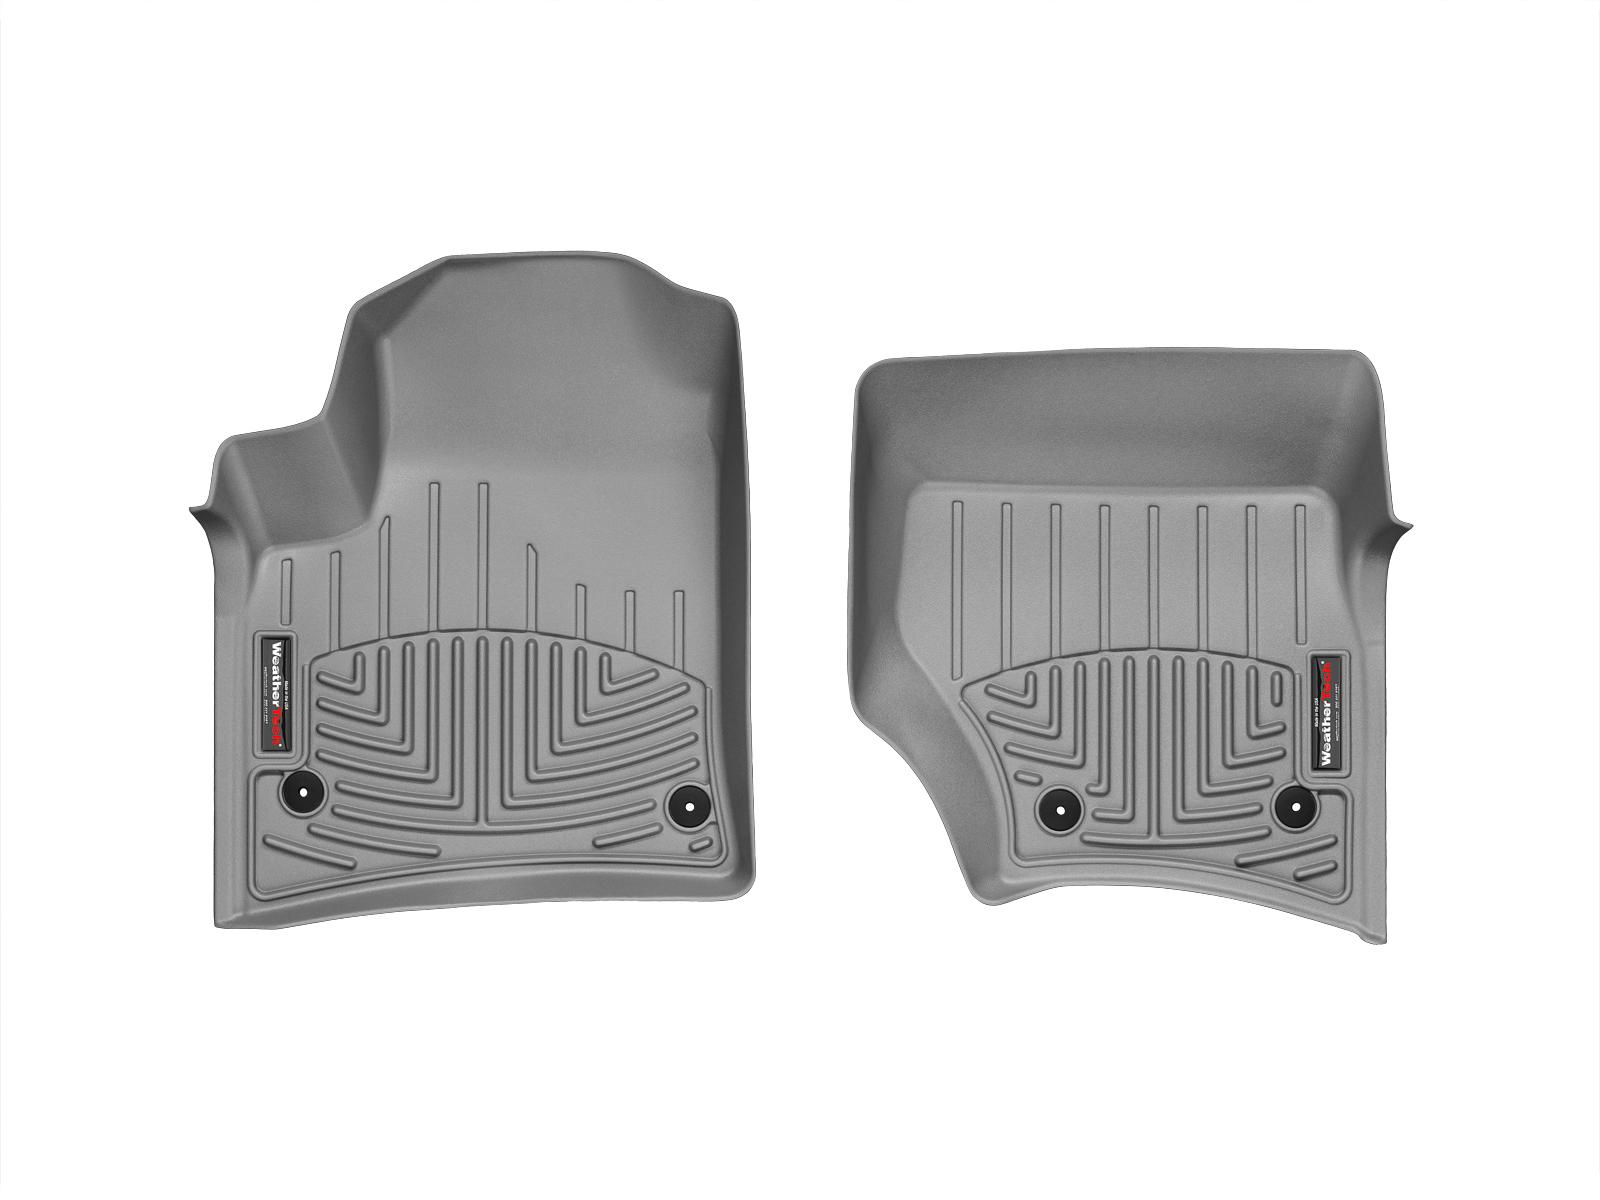 Tappeti gomma su misura bordo alto Volkswagen Touareg 10>10 Grigio A4311*